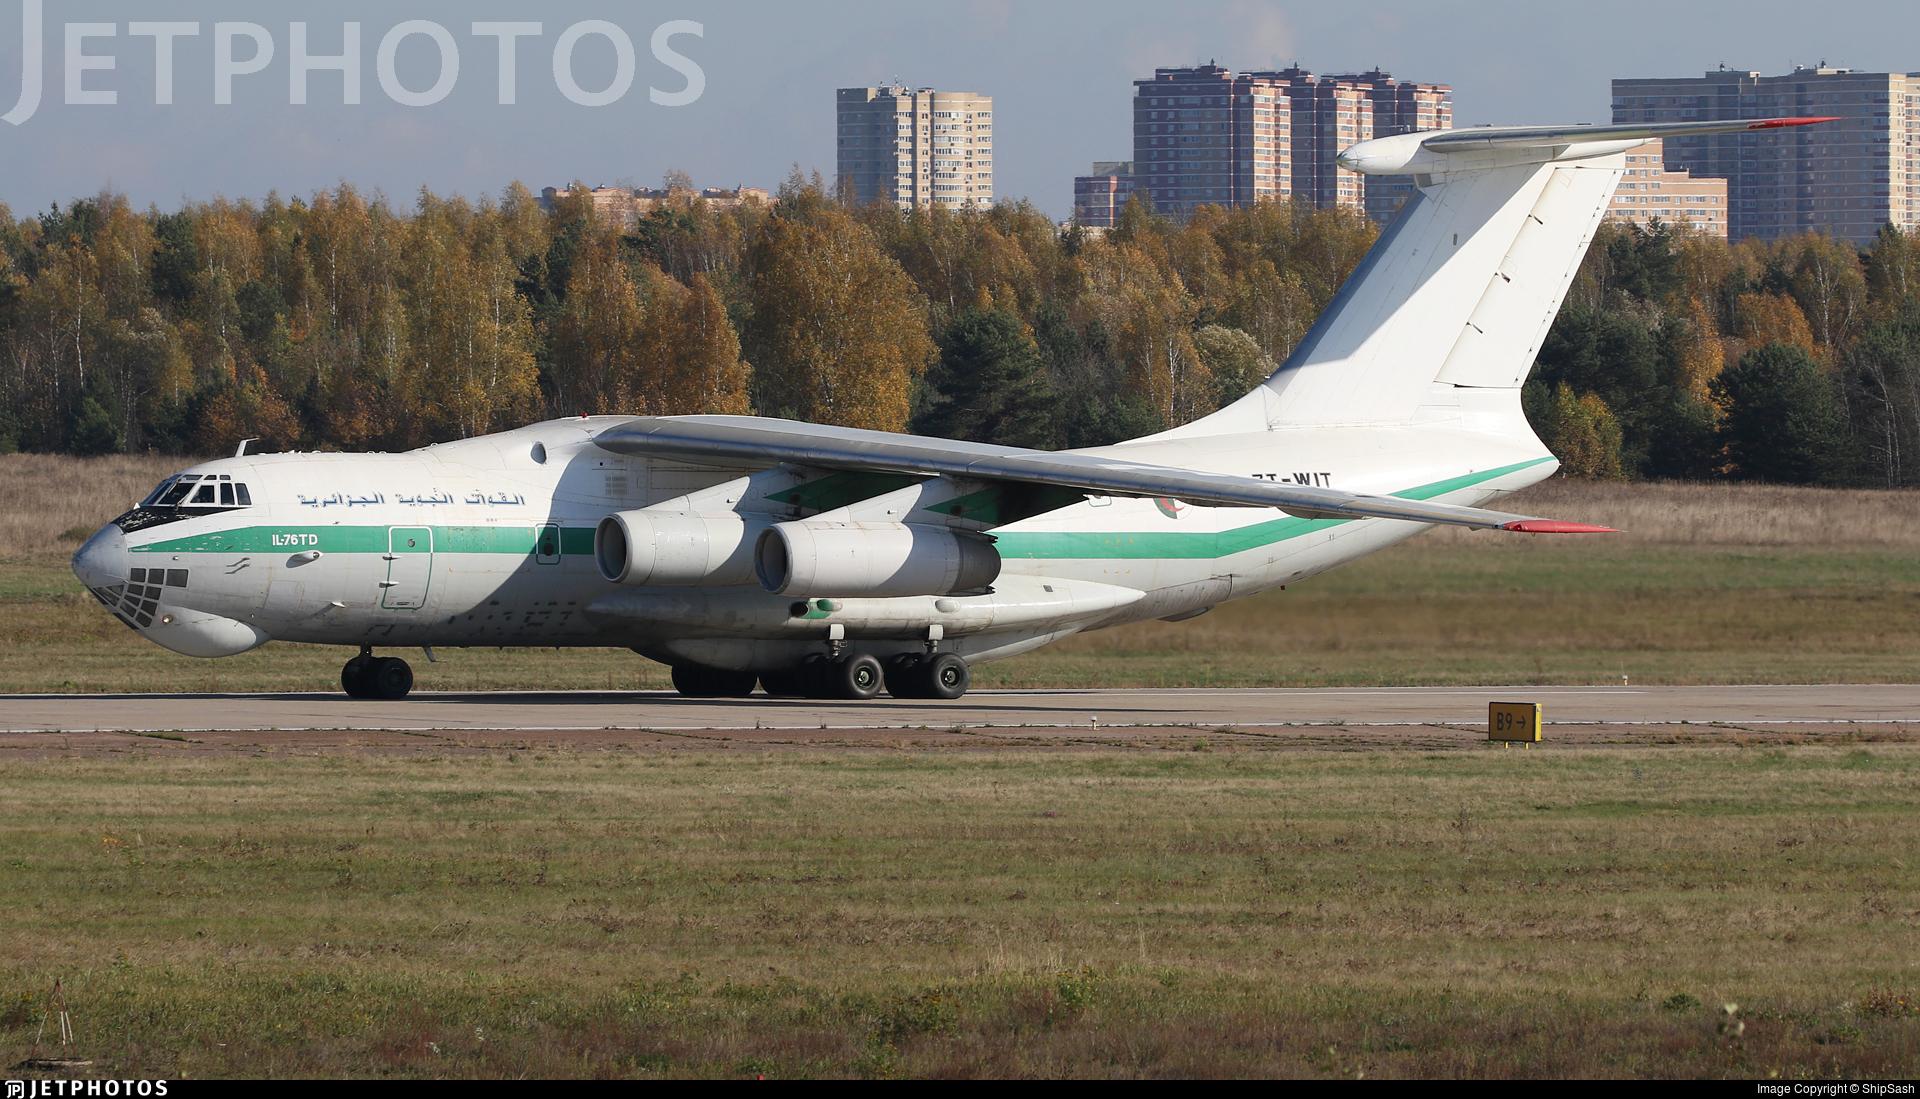 7T-WIT - Ilyushin IL-76TD - Algeria - Air Force